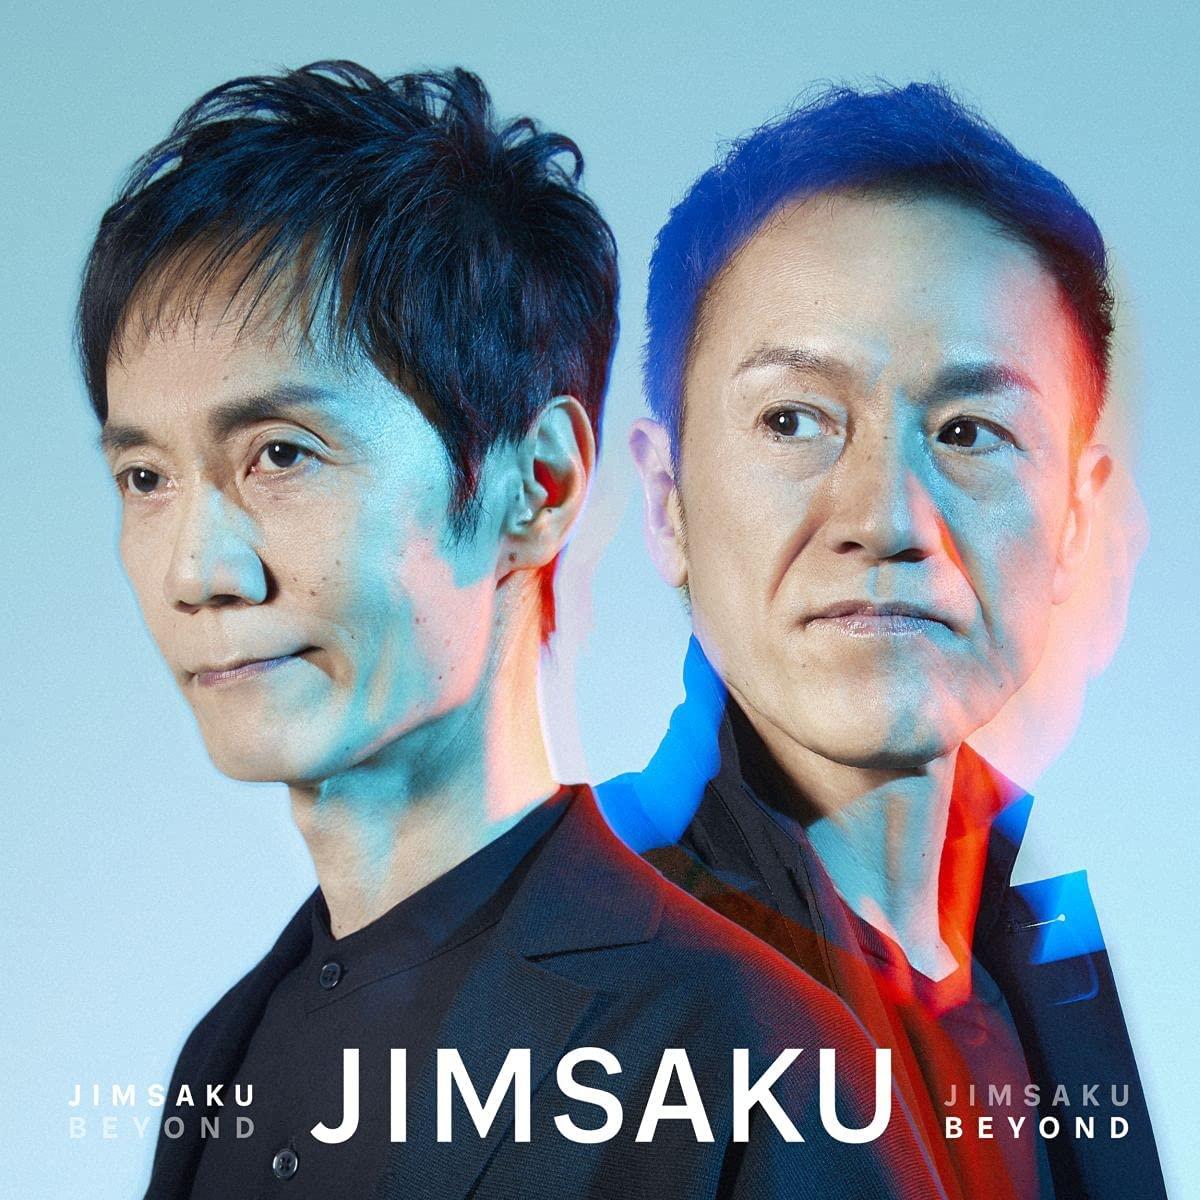 jimsaku_beyond